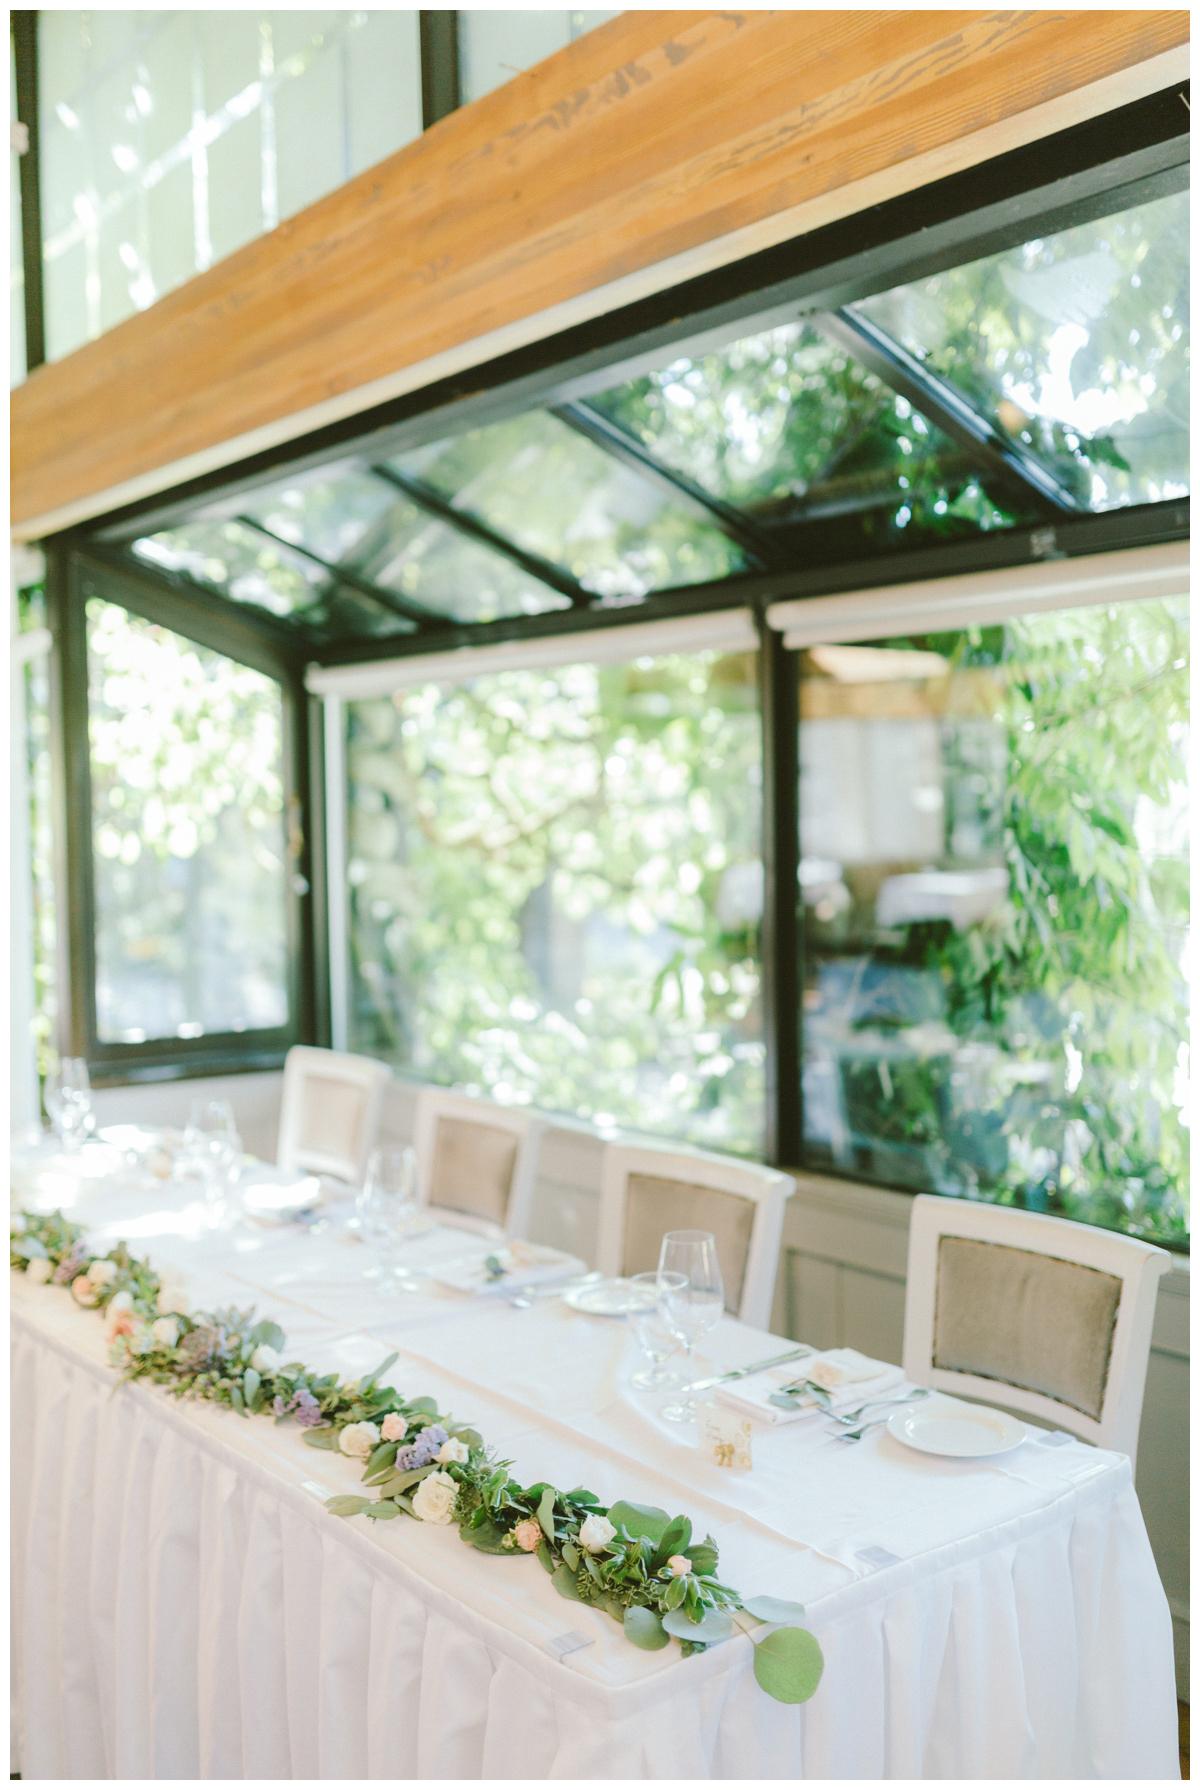 Mattie C. Hong Kong Vancouver Fine Art Wedding Prewedding Photographer 49.jpg